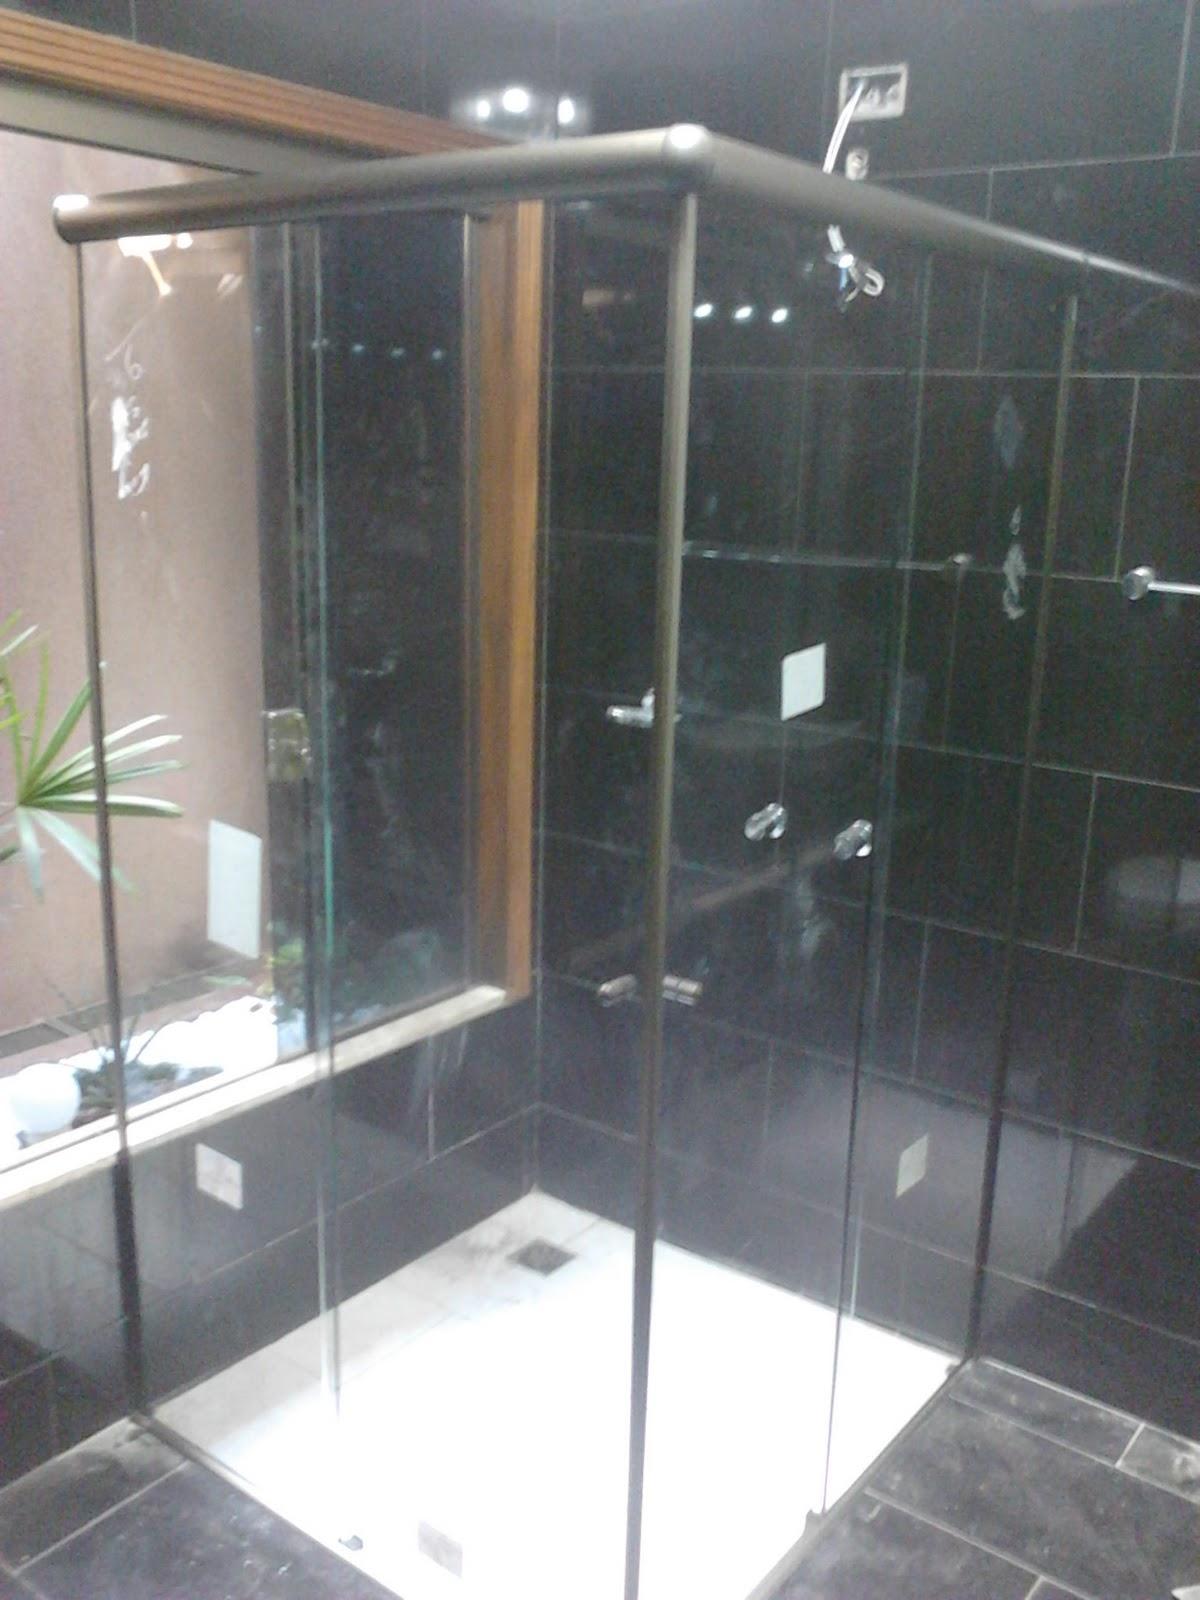 Imagens de #74634E Box Wc em vidro Incolor 08mm de Canto detalhe em um canto a janela  1200x1600 px 2820 Box Banheiro Londrina